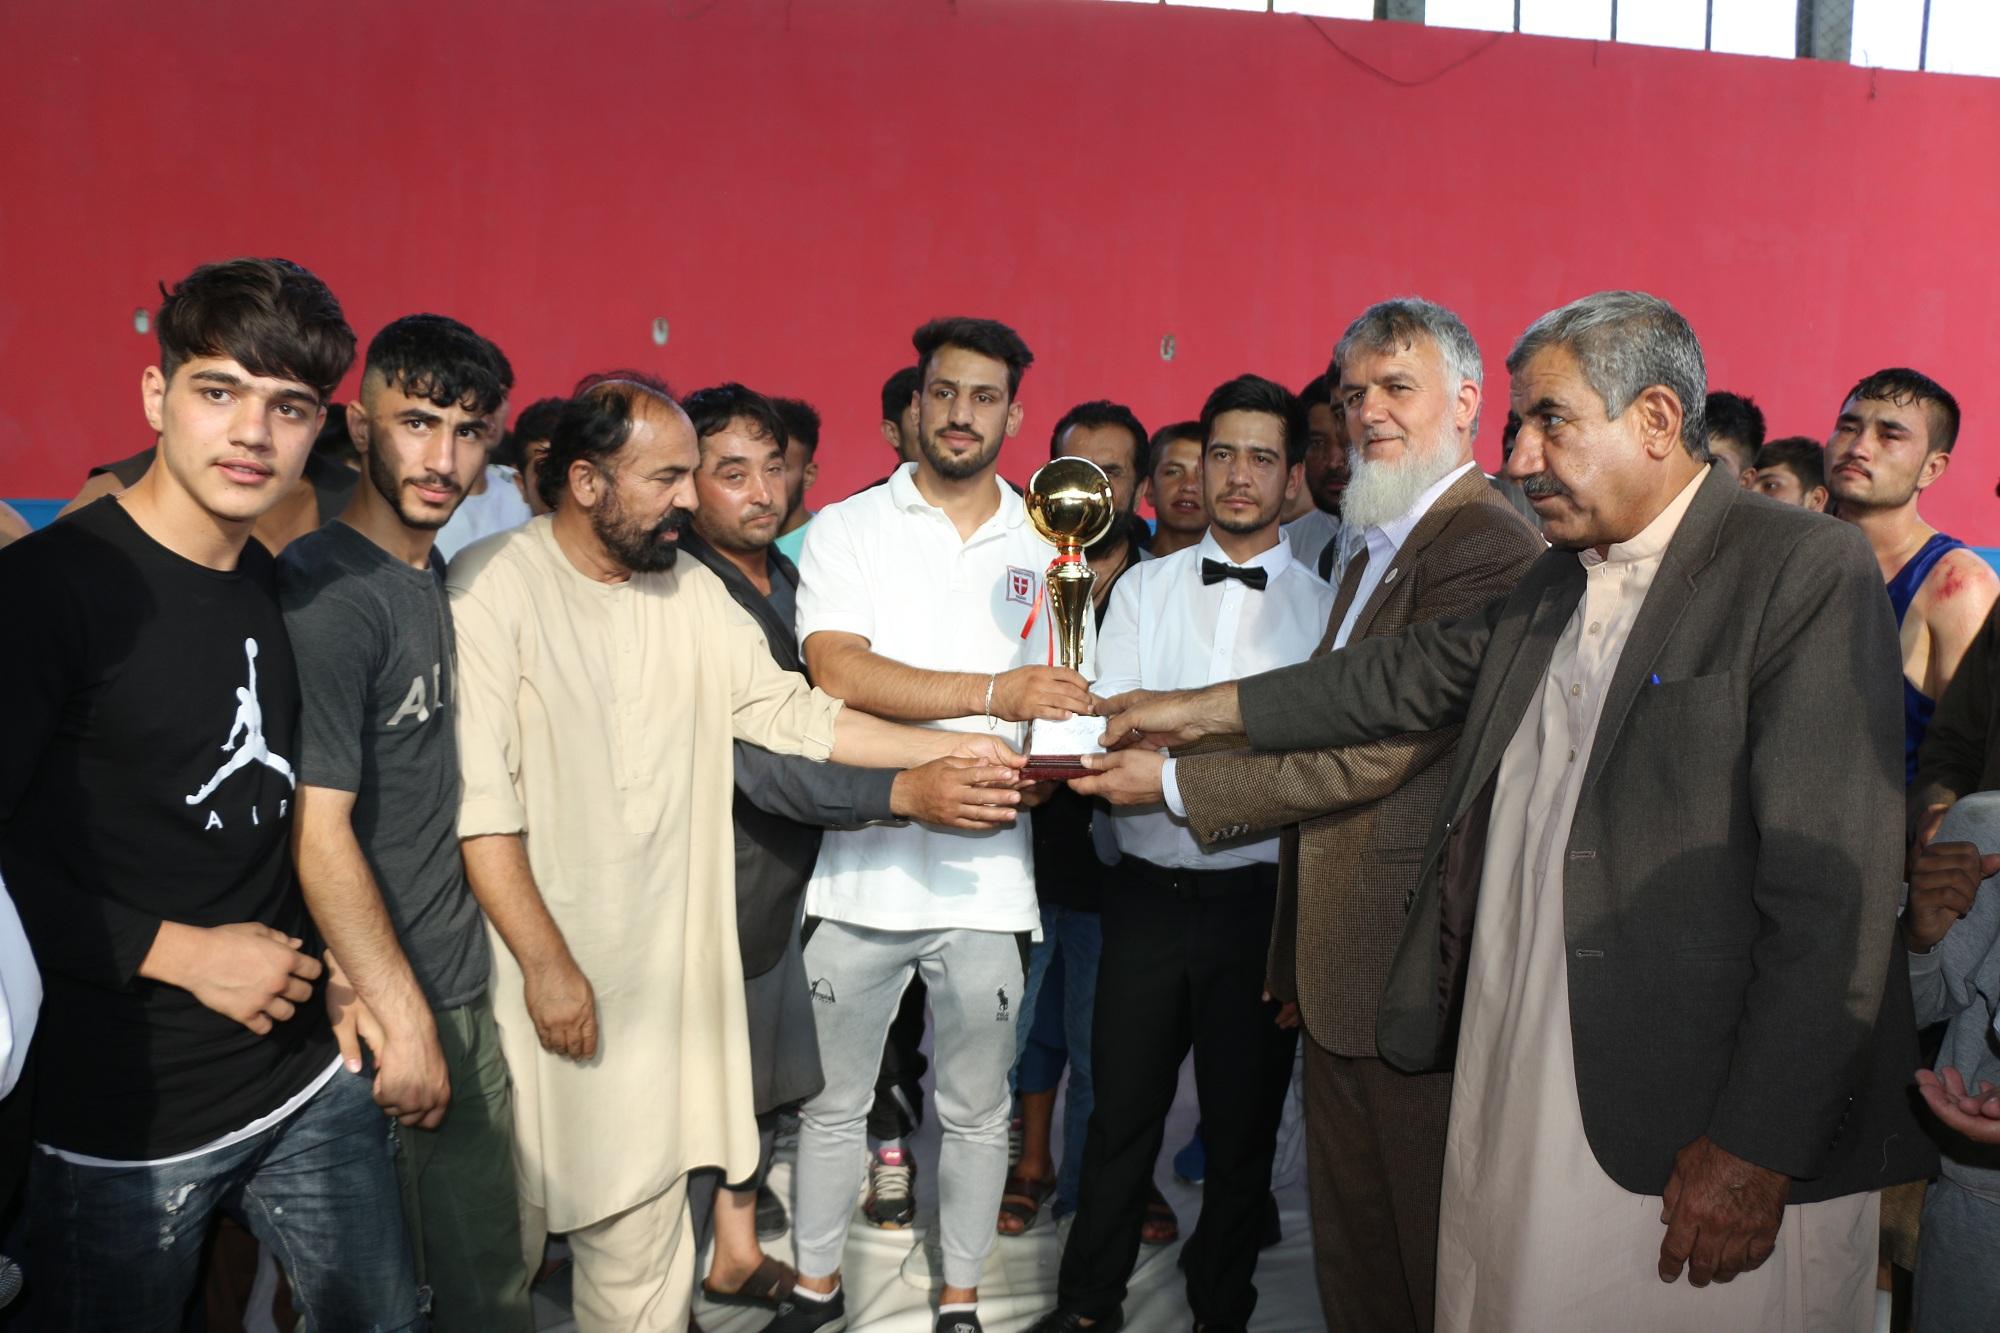 زون نمبر یک شورای چهاردهی فدراسیون مشت زنی کشور به مناسبت صدمین سالروز استرداد-استقلال افغانستان رقابت های مشت زنی را در کابل برگزار کرد .